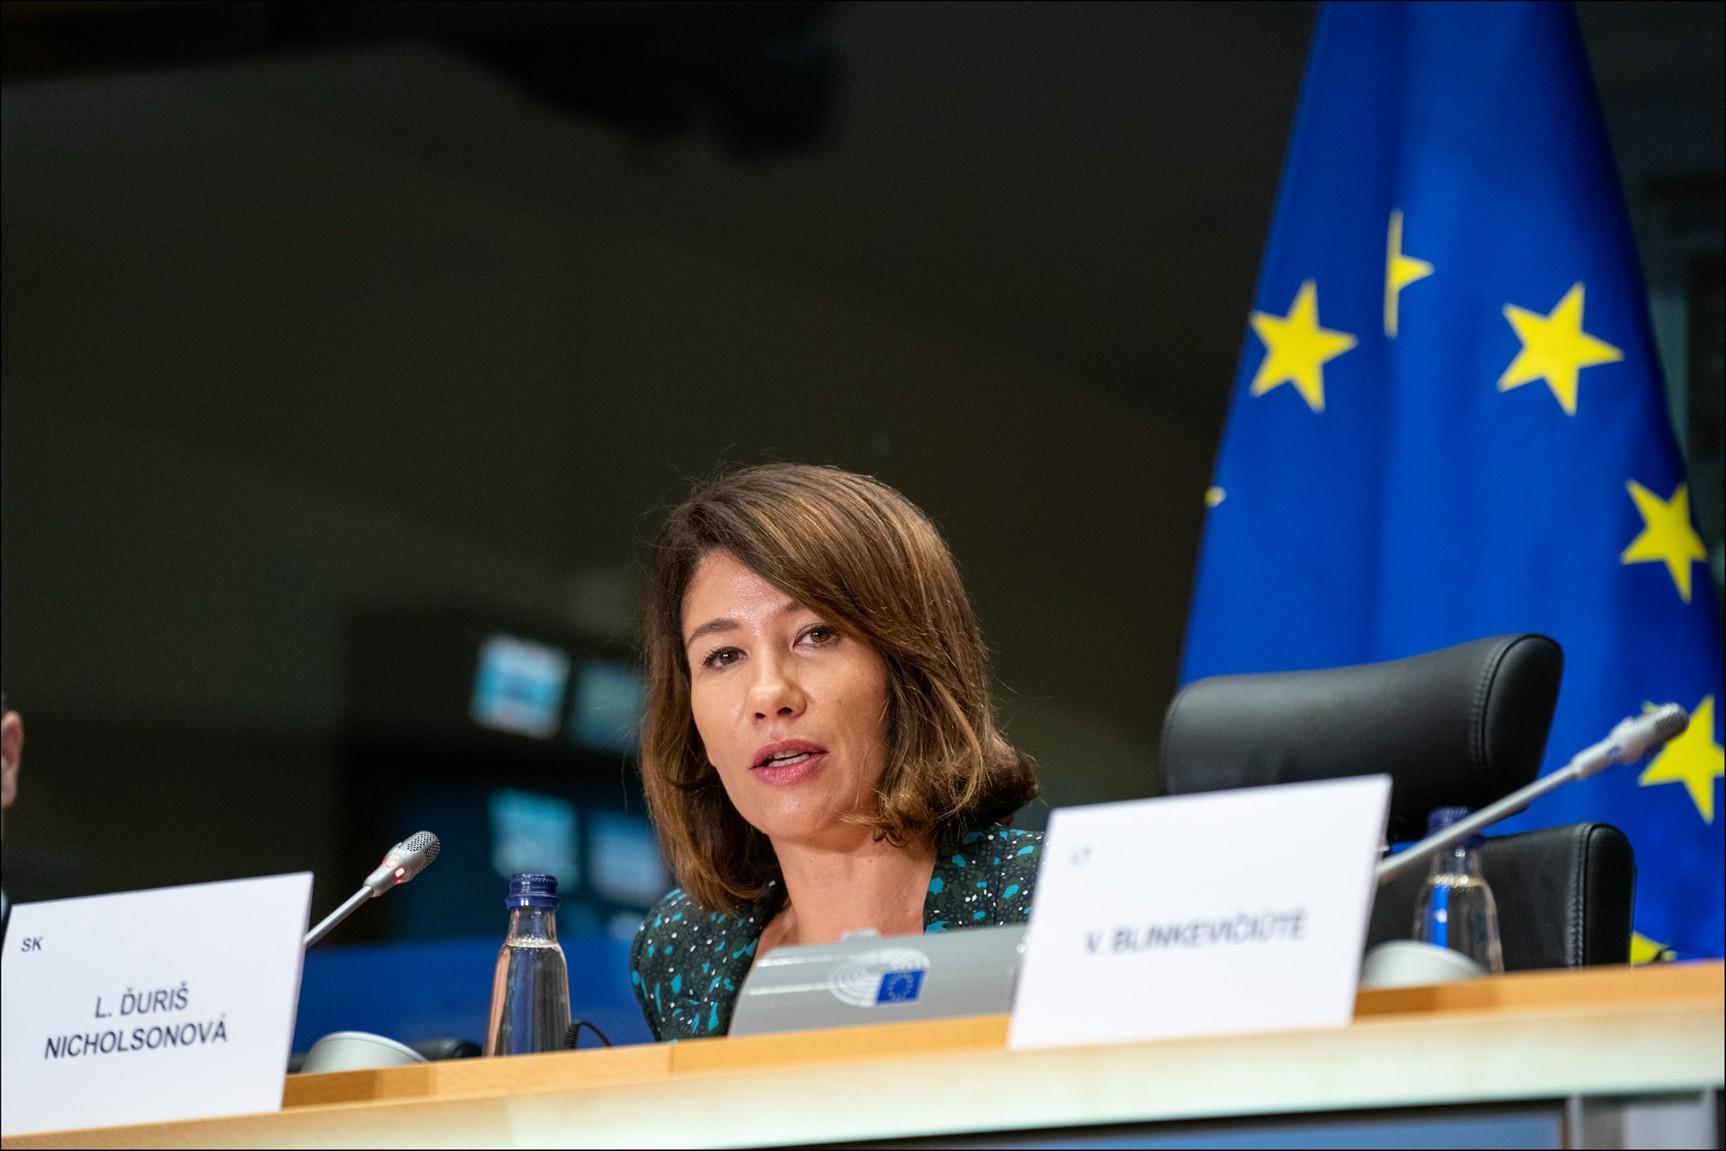 O vyřazení CBD ze seznamu psychotropních látek se zasadila i europoslankyně Lucia Ďuriš Nicholsonová. Foto: Wikimedia Commons